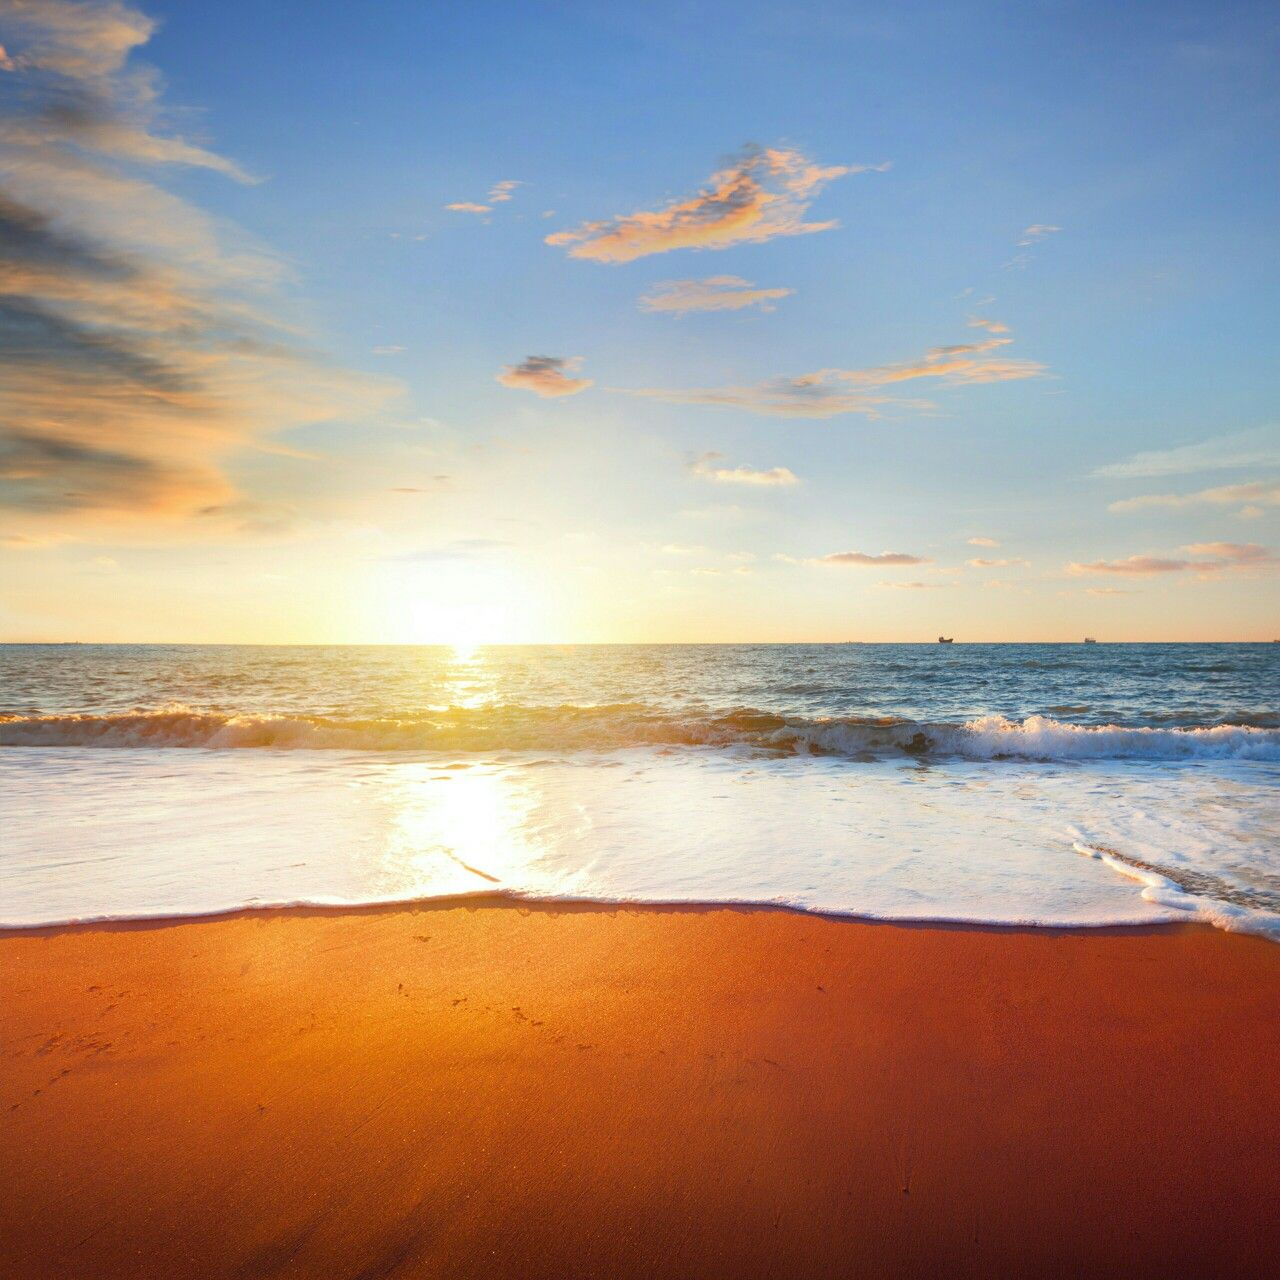 #saltwater #beach #sand